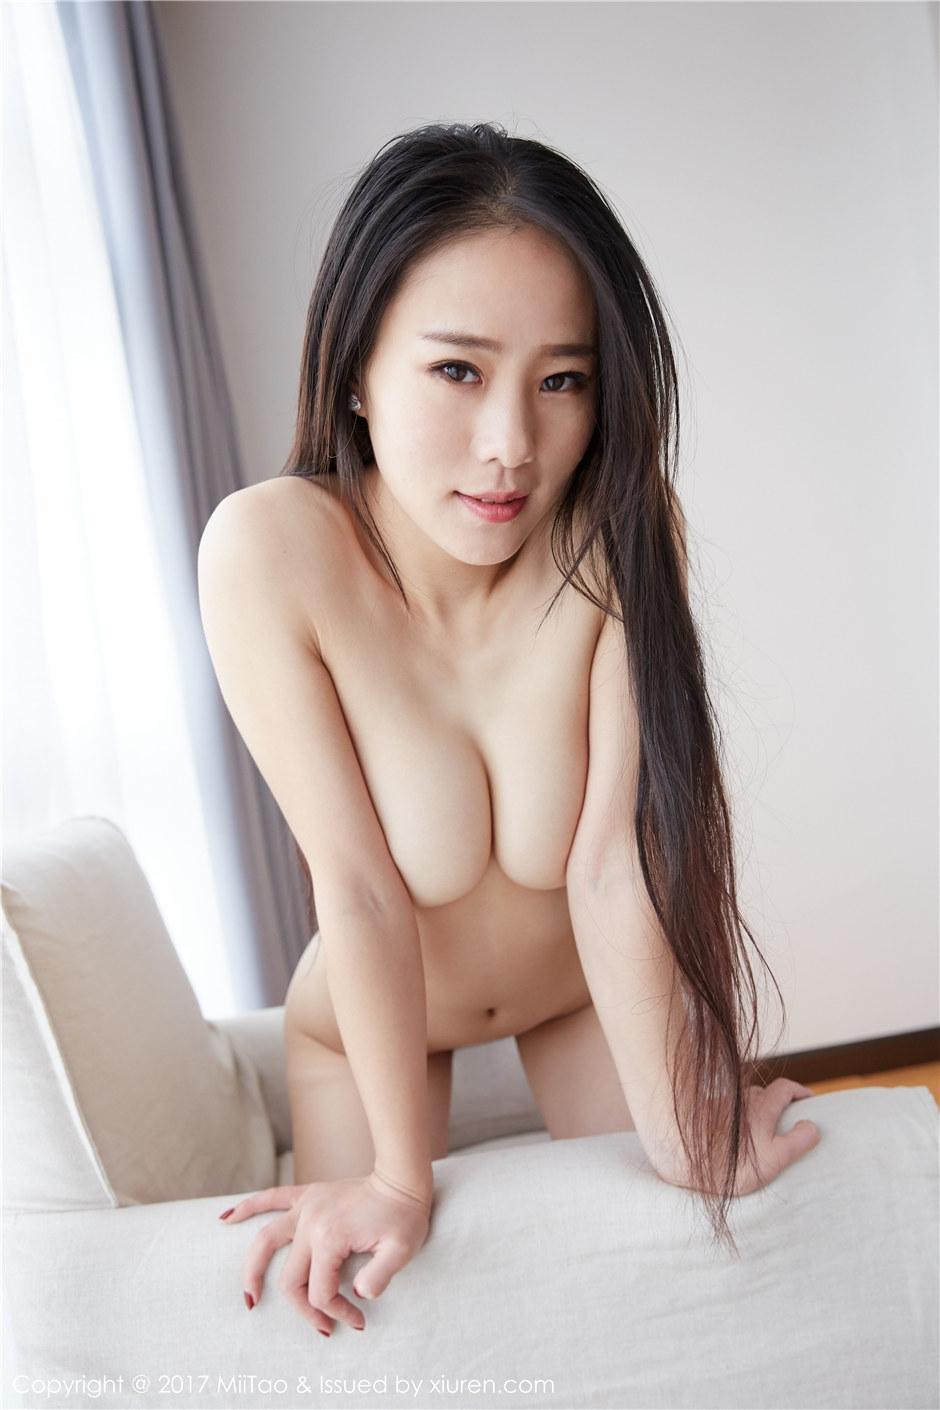 全裸美女私房激情人体艺术姿势大胆诱人